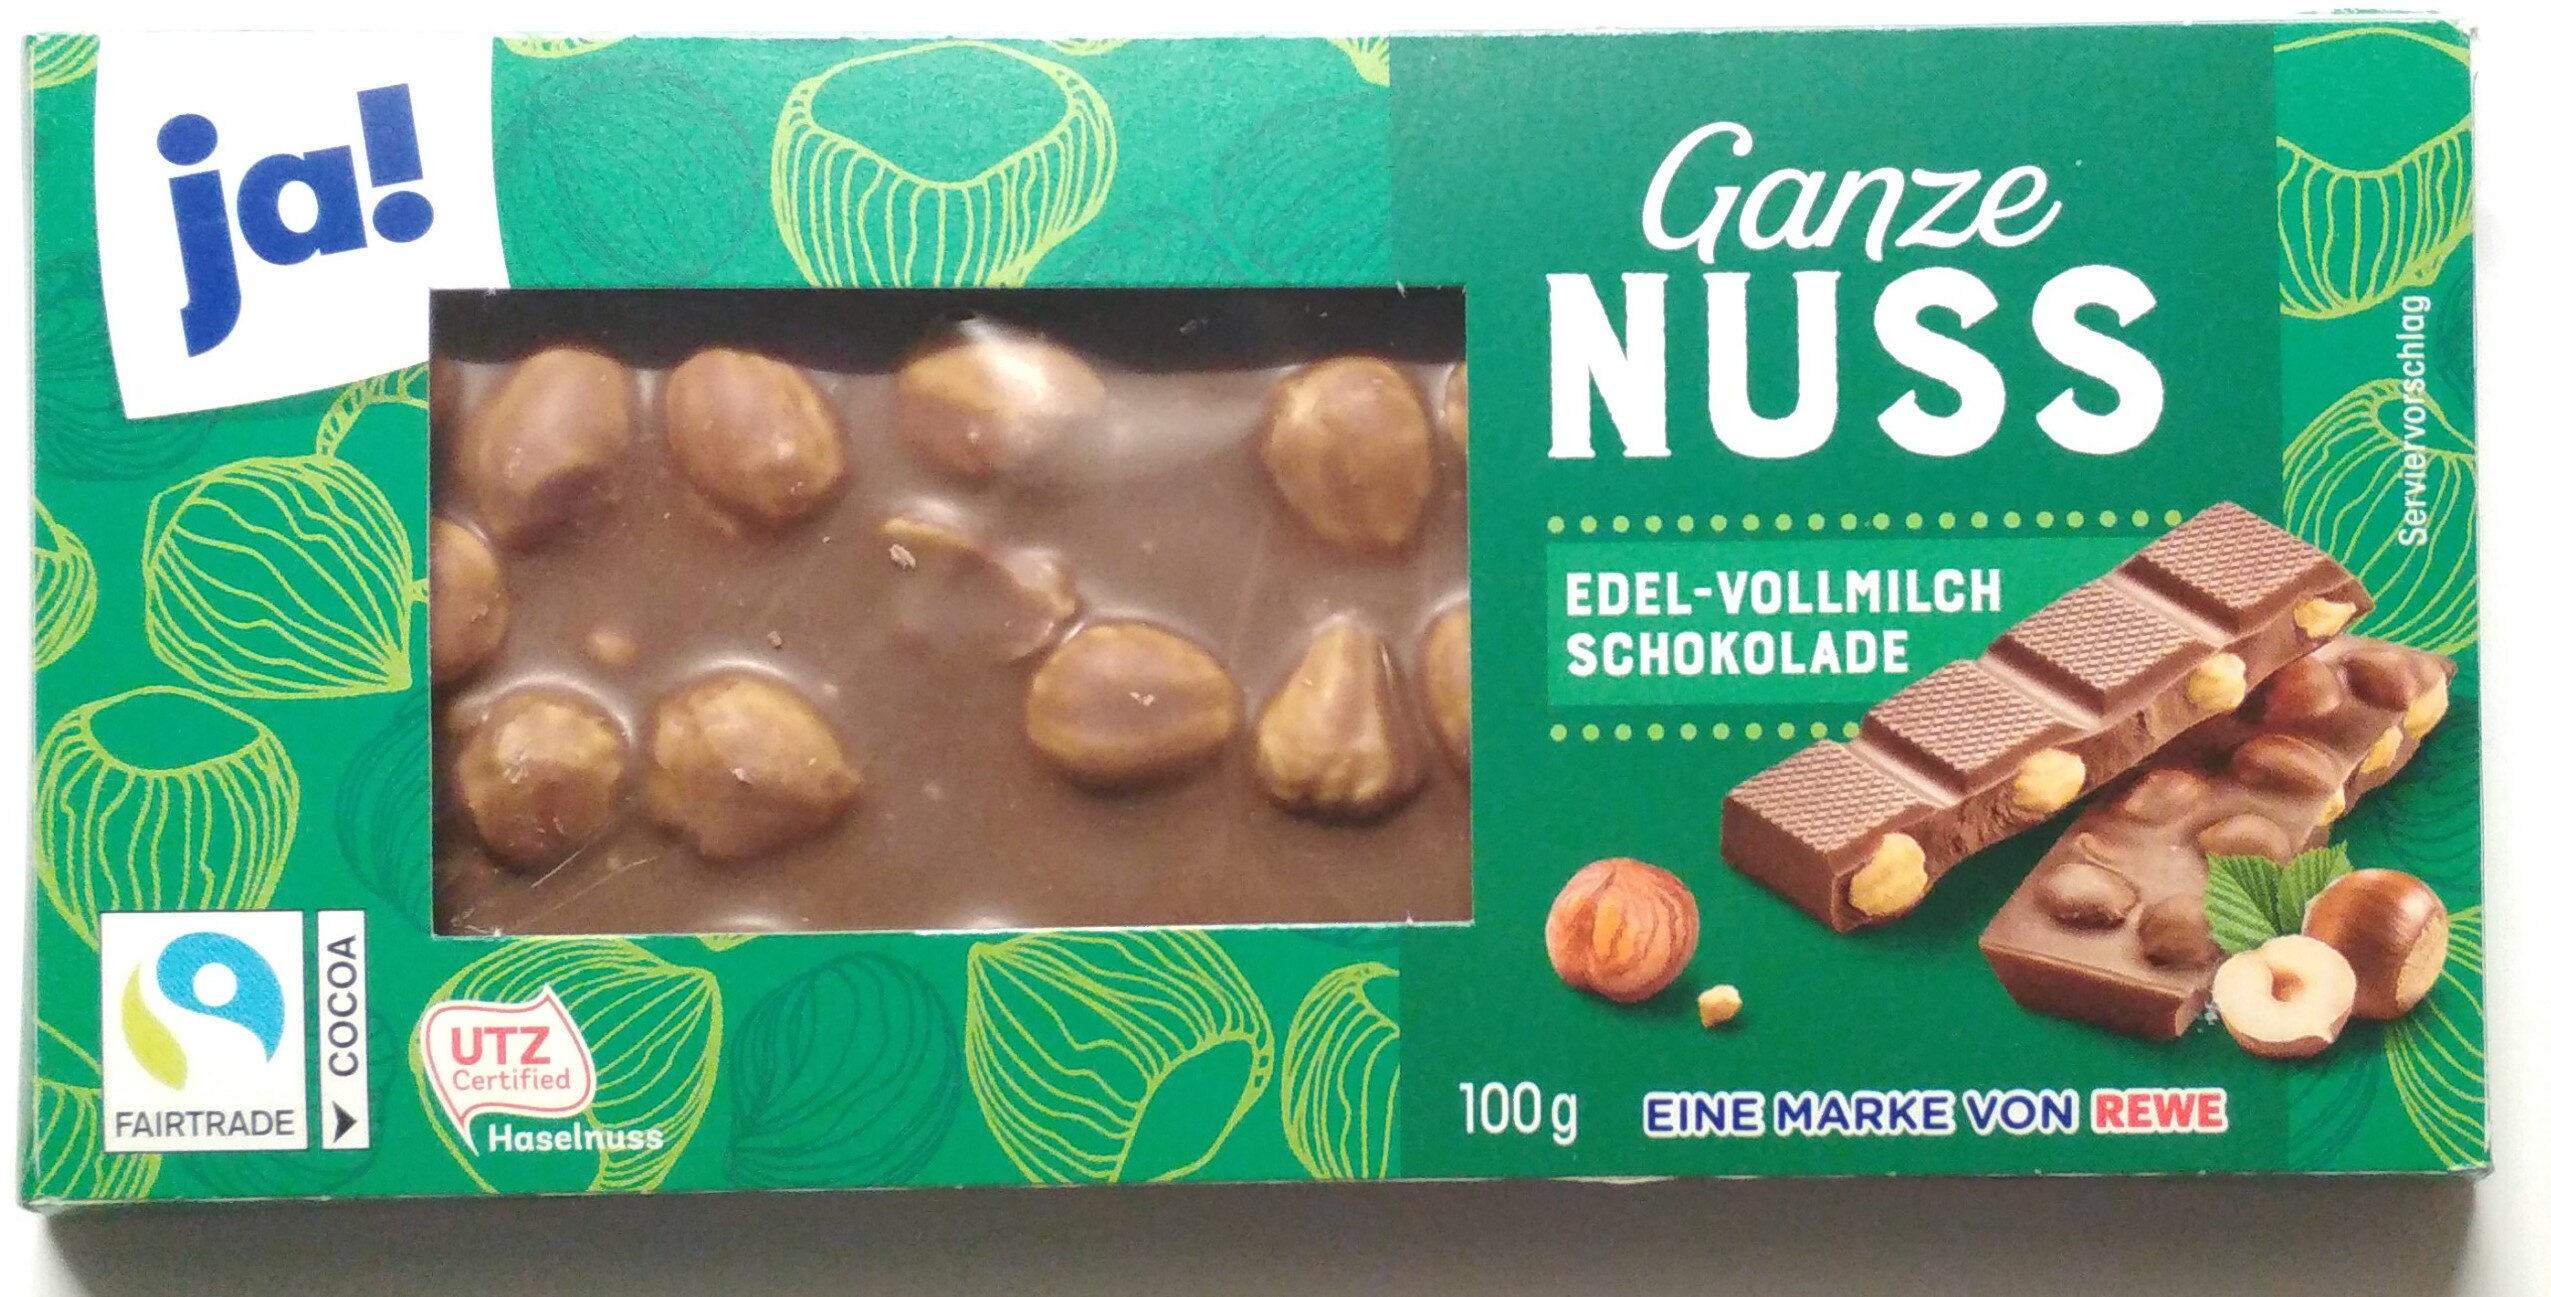 Ganze Nuss - Product - de